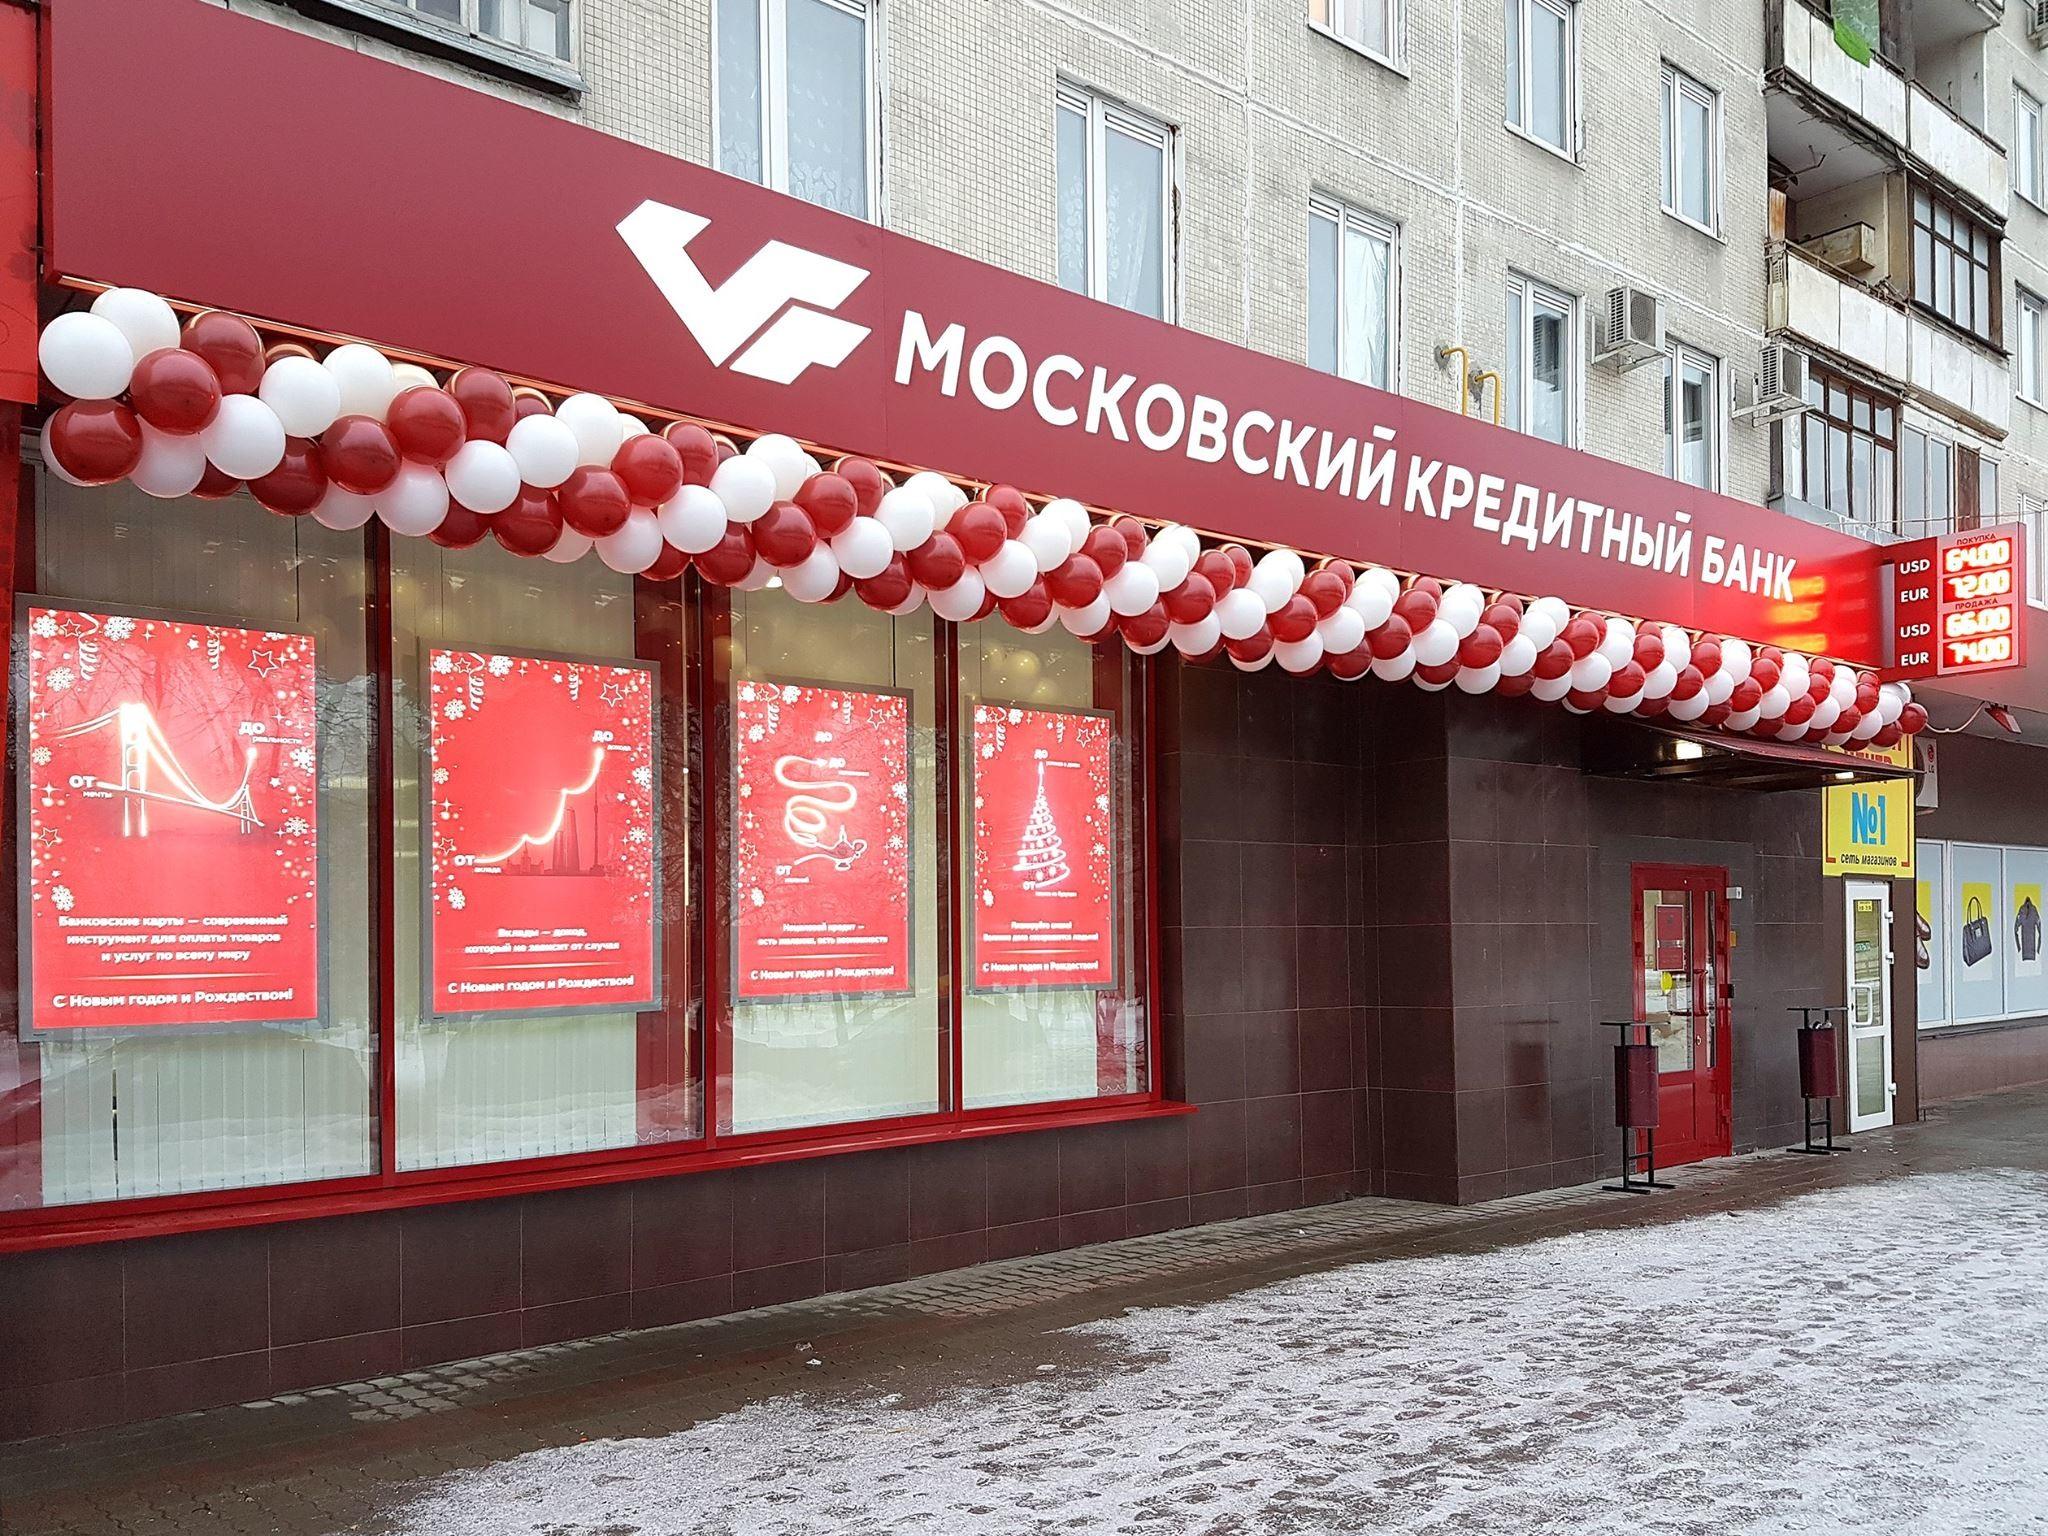 Пао московский кредитный банк отзывы